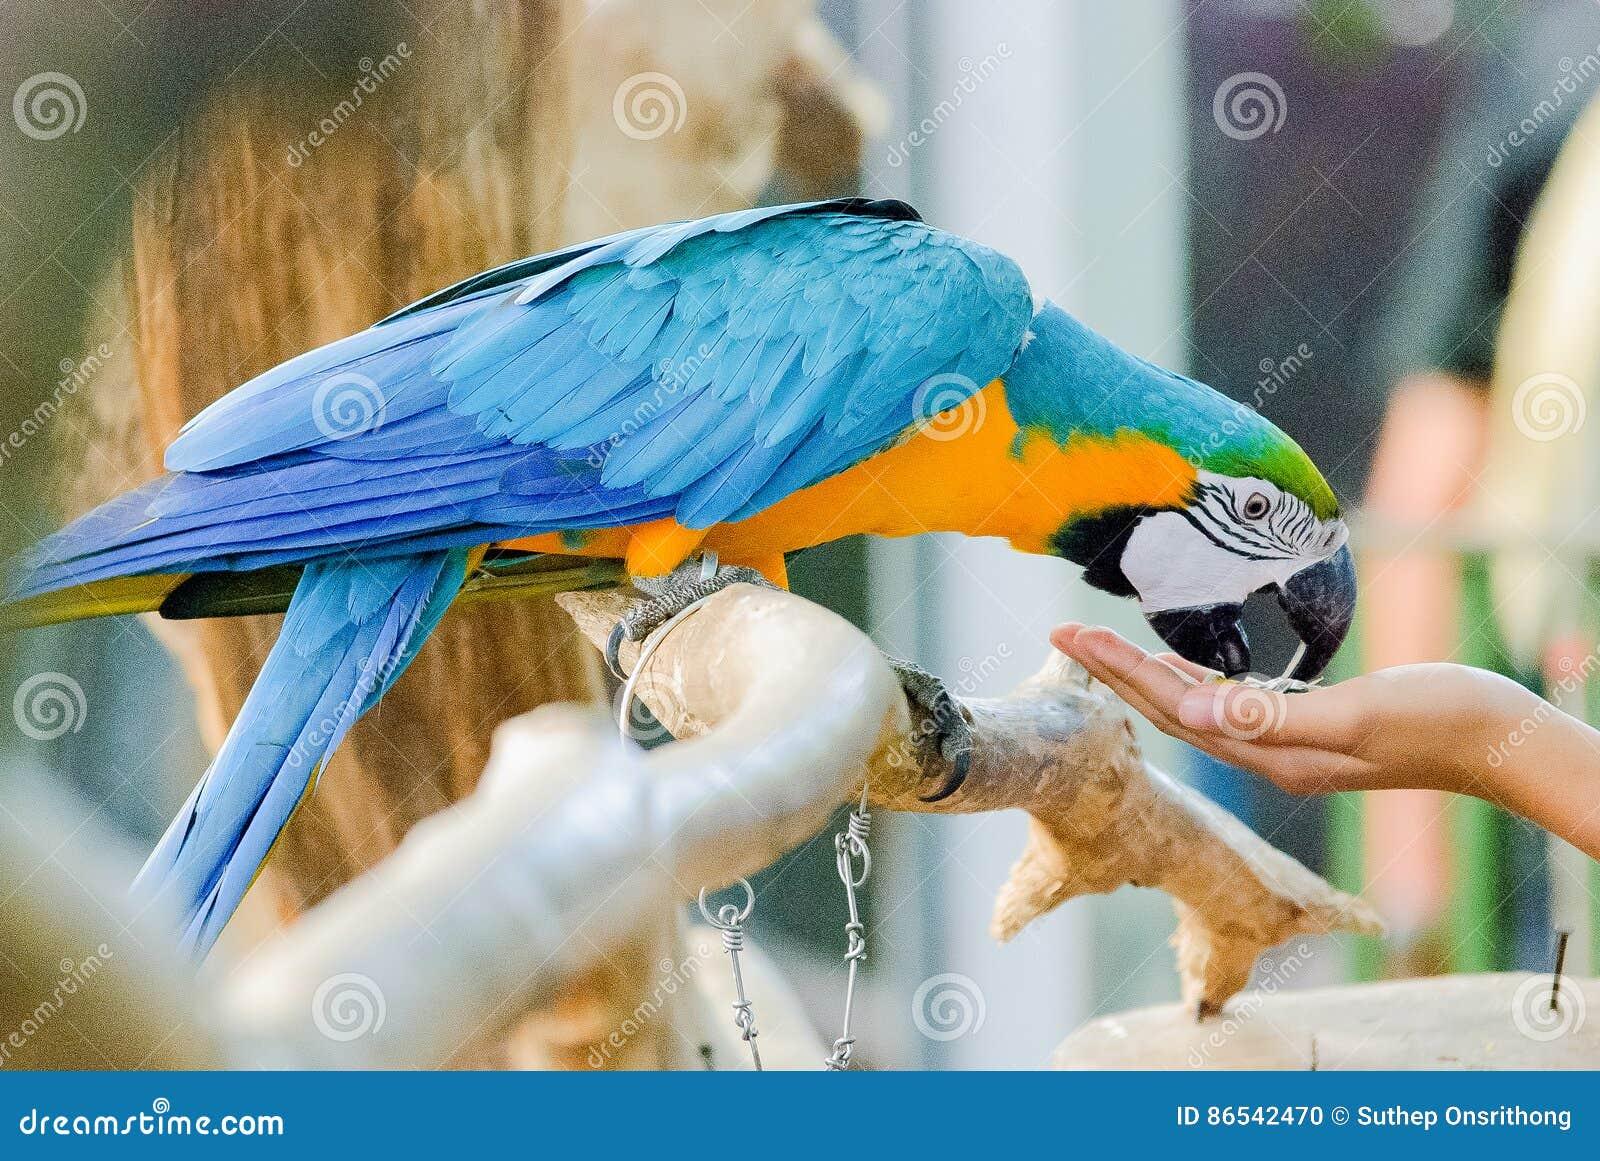 De Macorevogel eet voedsel